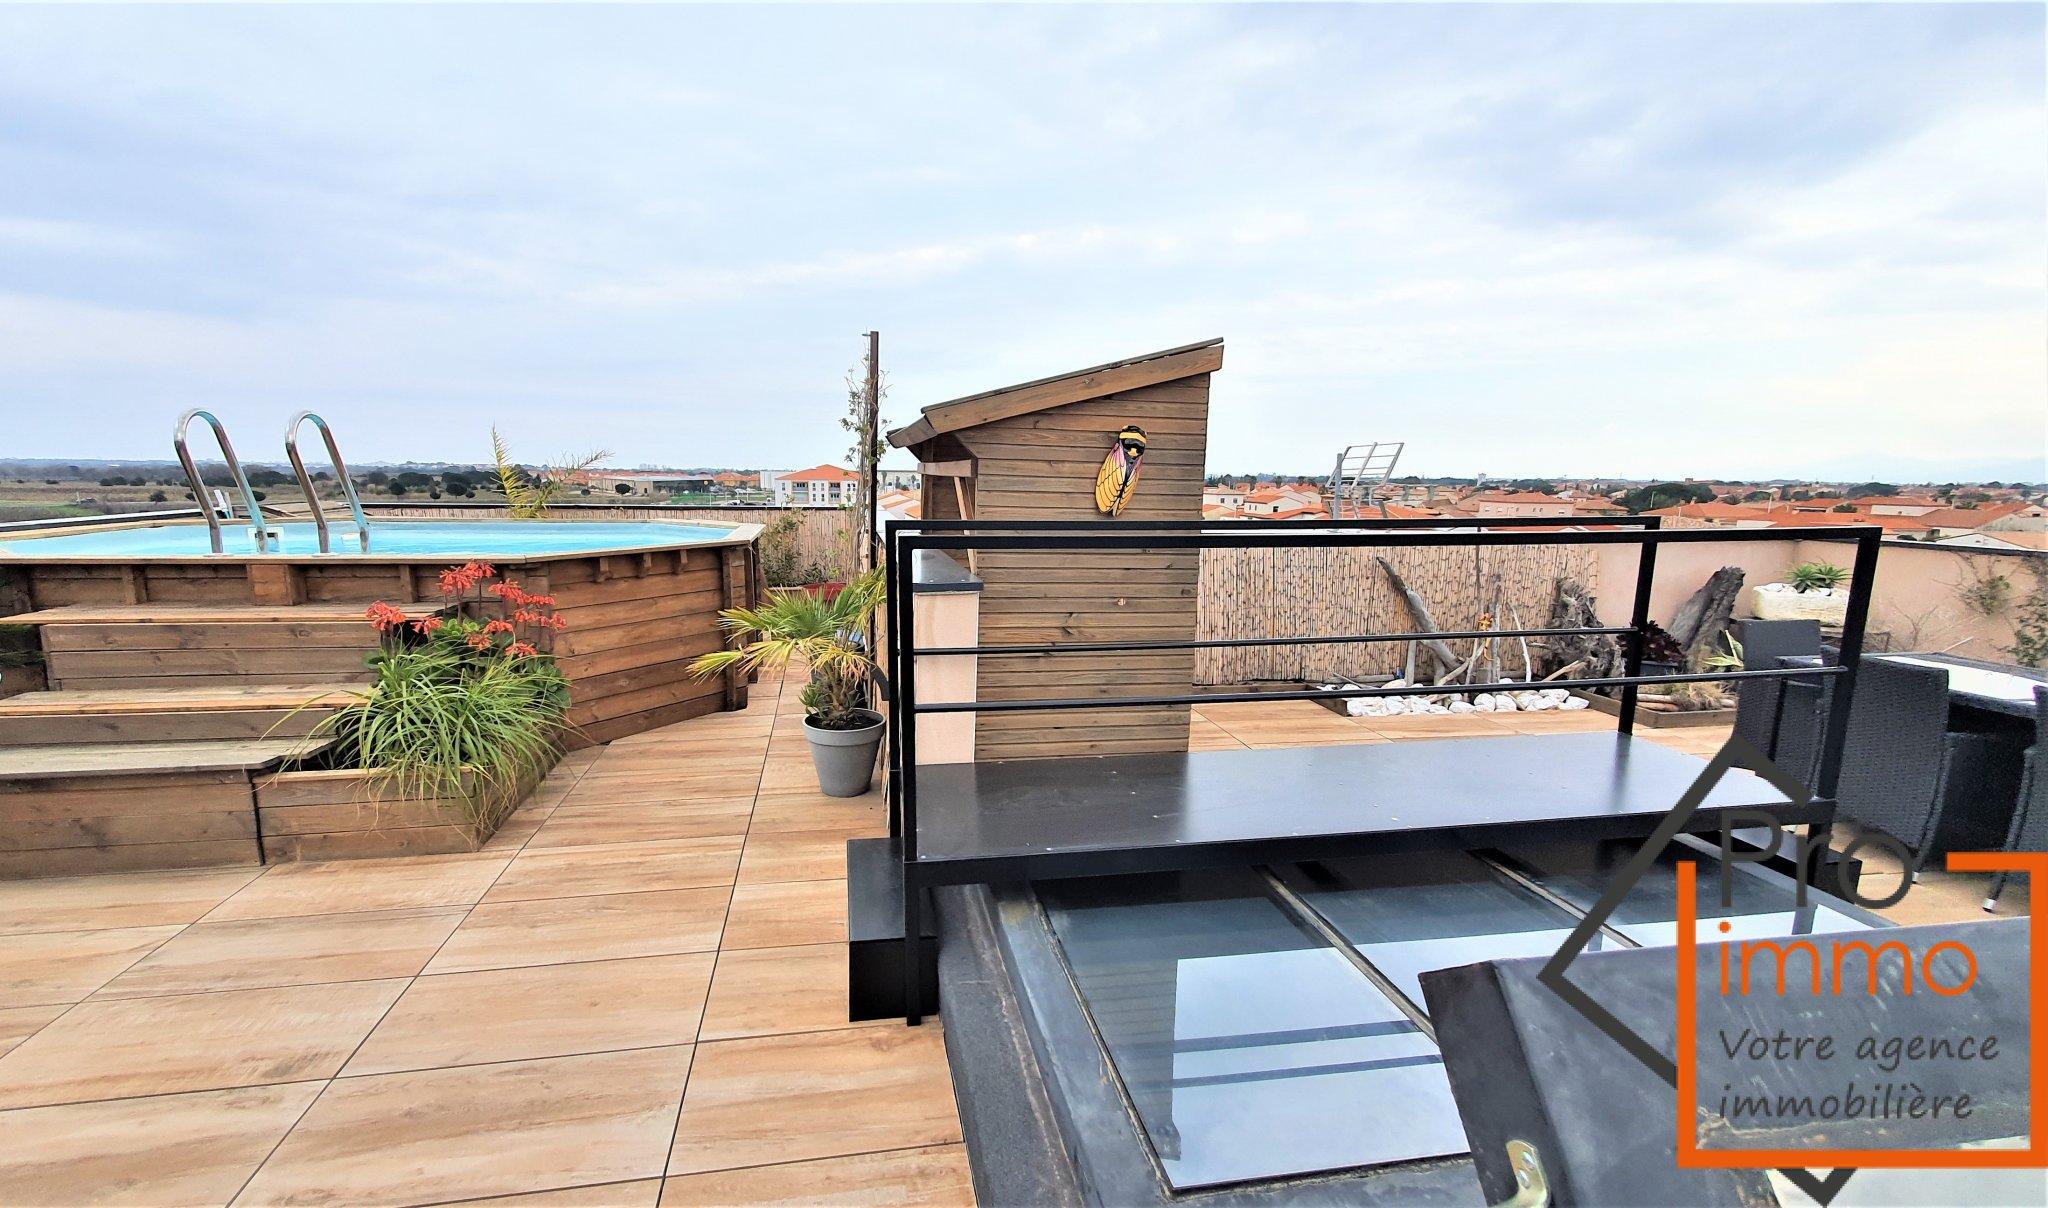 Vente Appartement T4 Avec Toit Terrasse Avec Vue A 360° tout Toit Terrasse Sans Acrotère